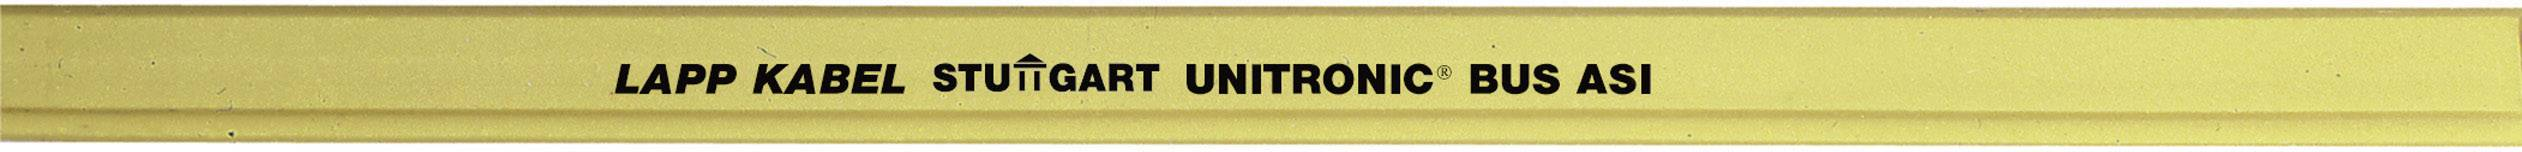 Sběrnicový kabel LappKabel UNITRONIC® BUS 2170228, žlutá, 100 m